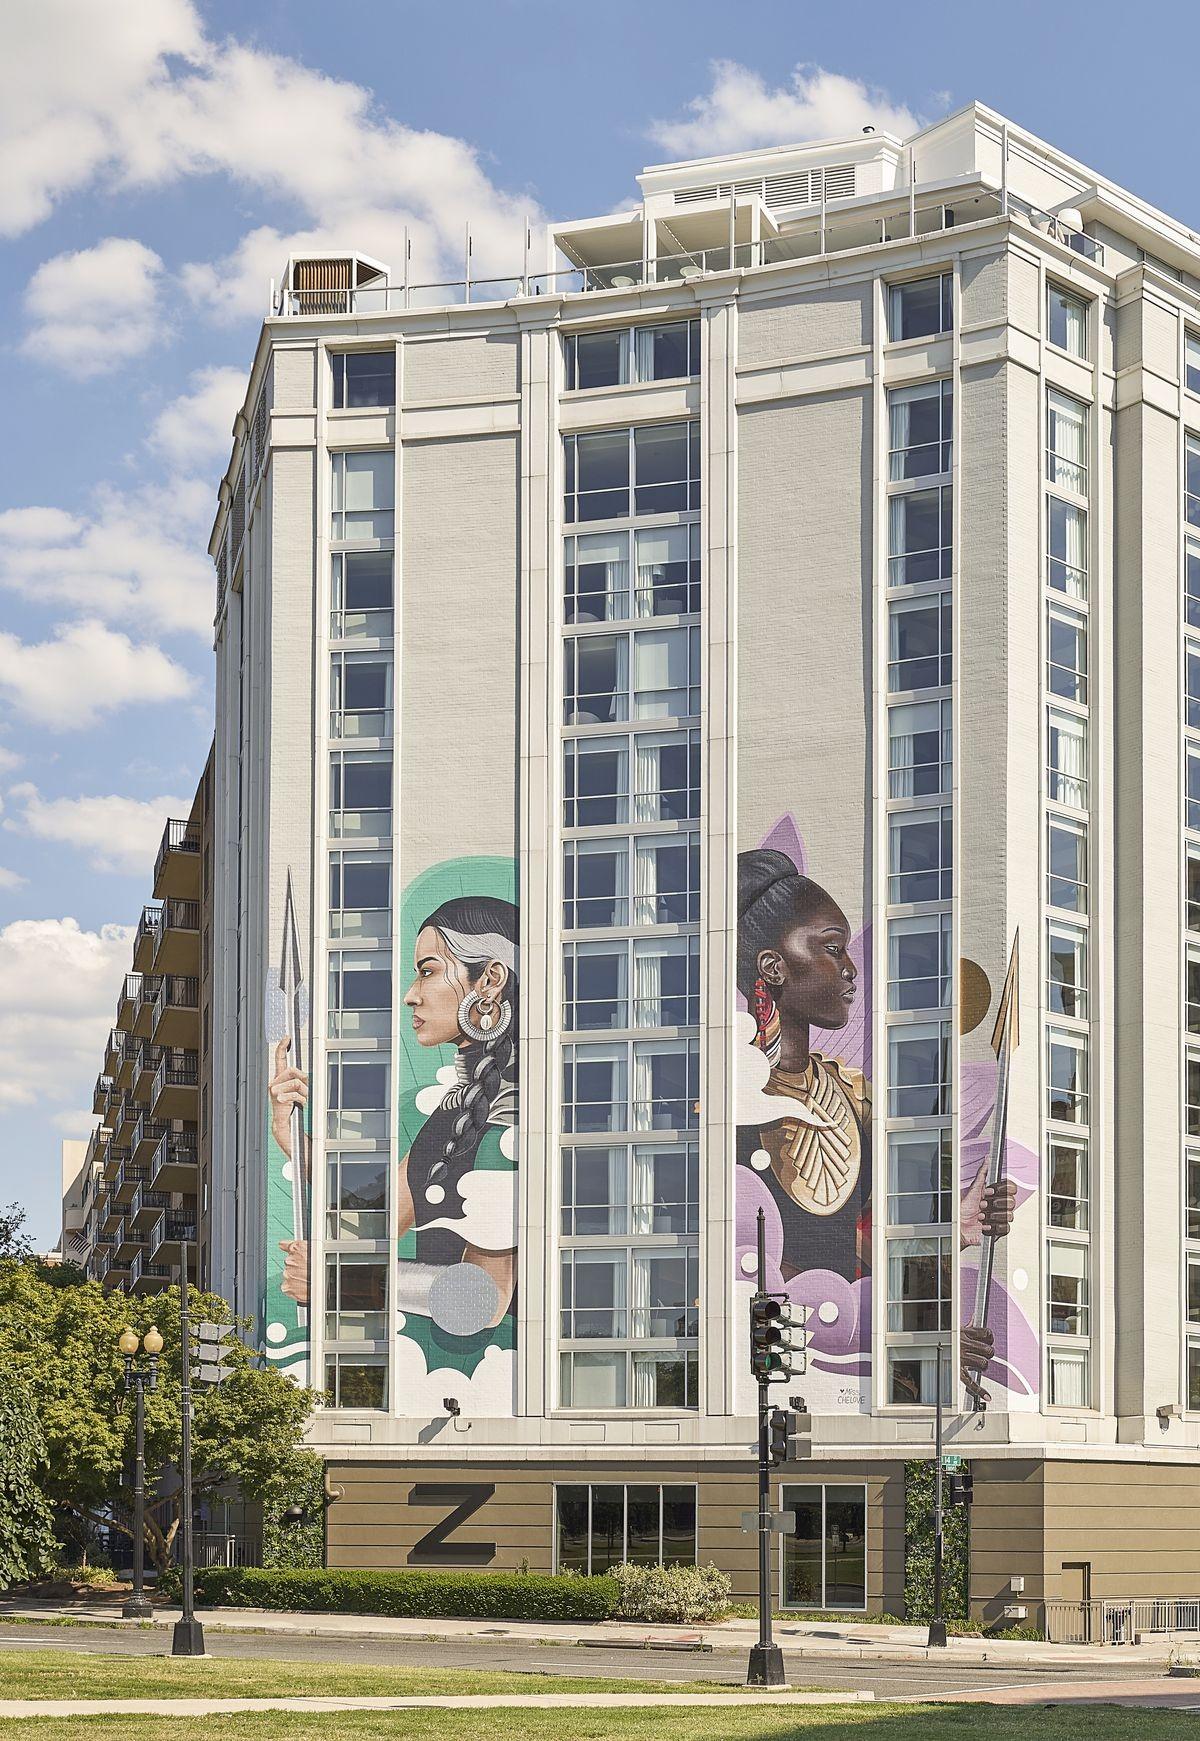 Hotel em Washington celebra conquistas femininas e igualdade de gênero por meio da arte (Foto: Divulgação)